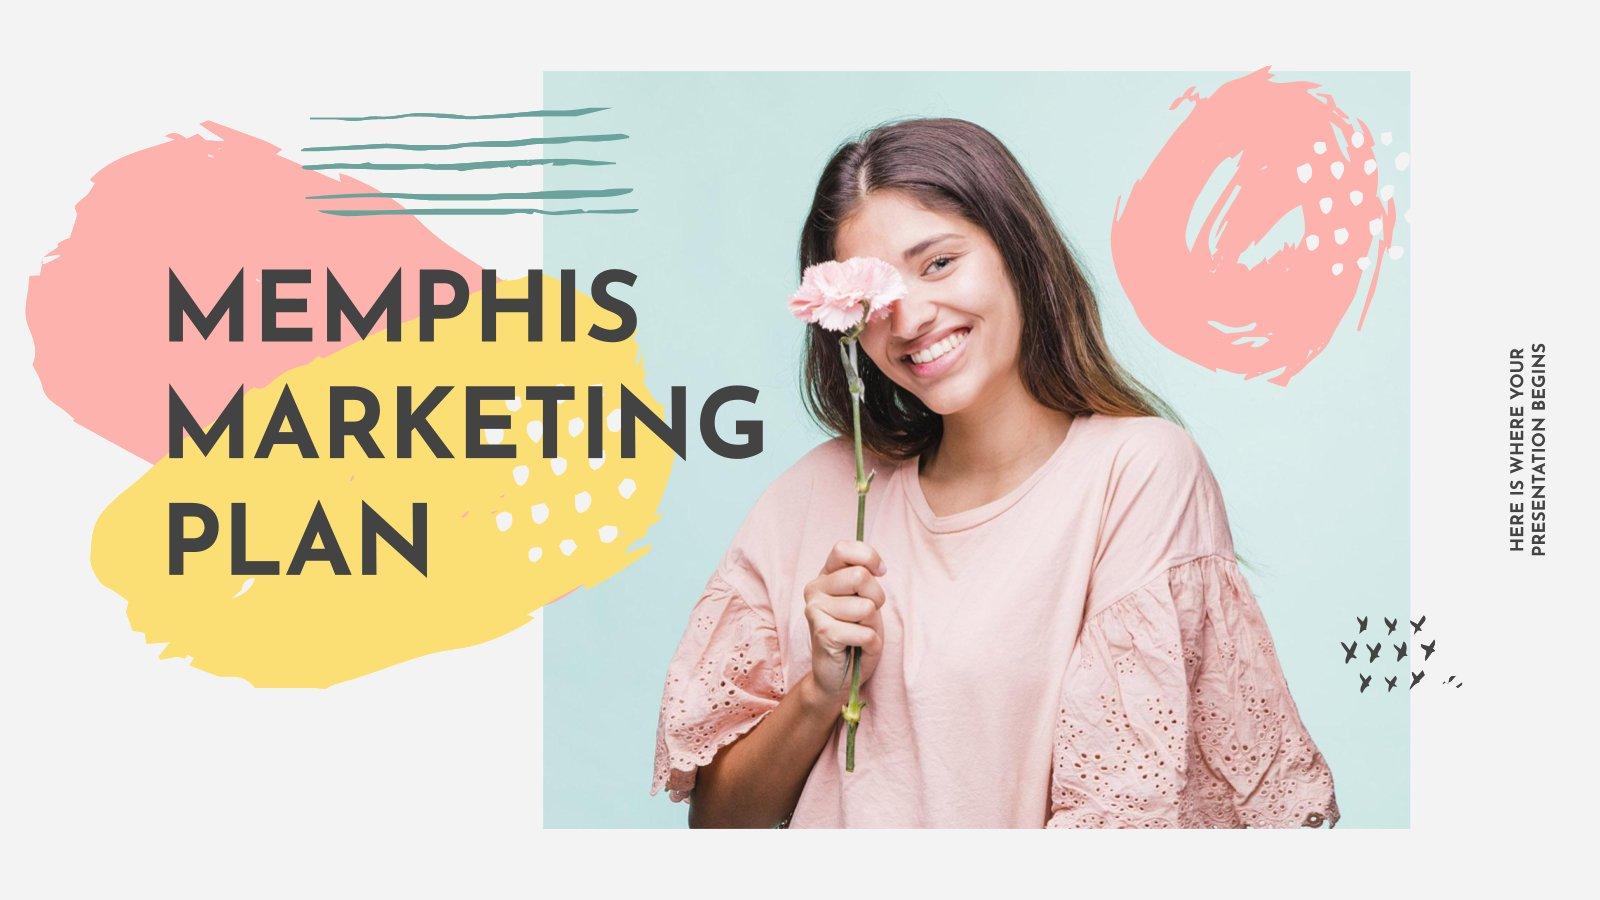 Plan marketing Memphis : Modèles de présentation